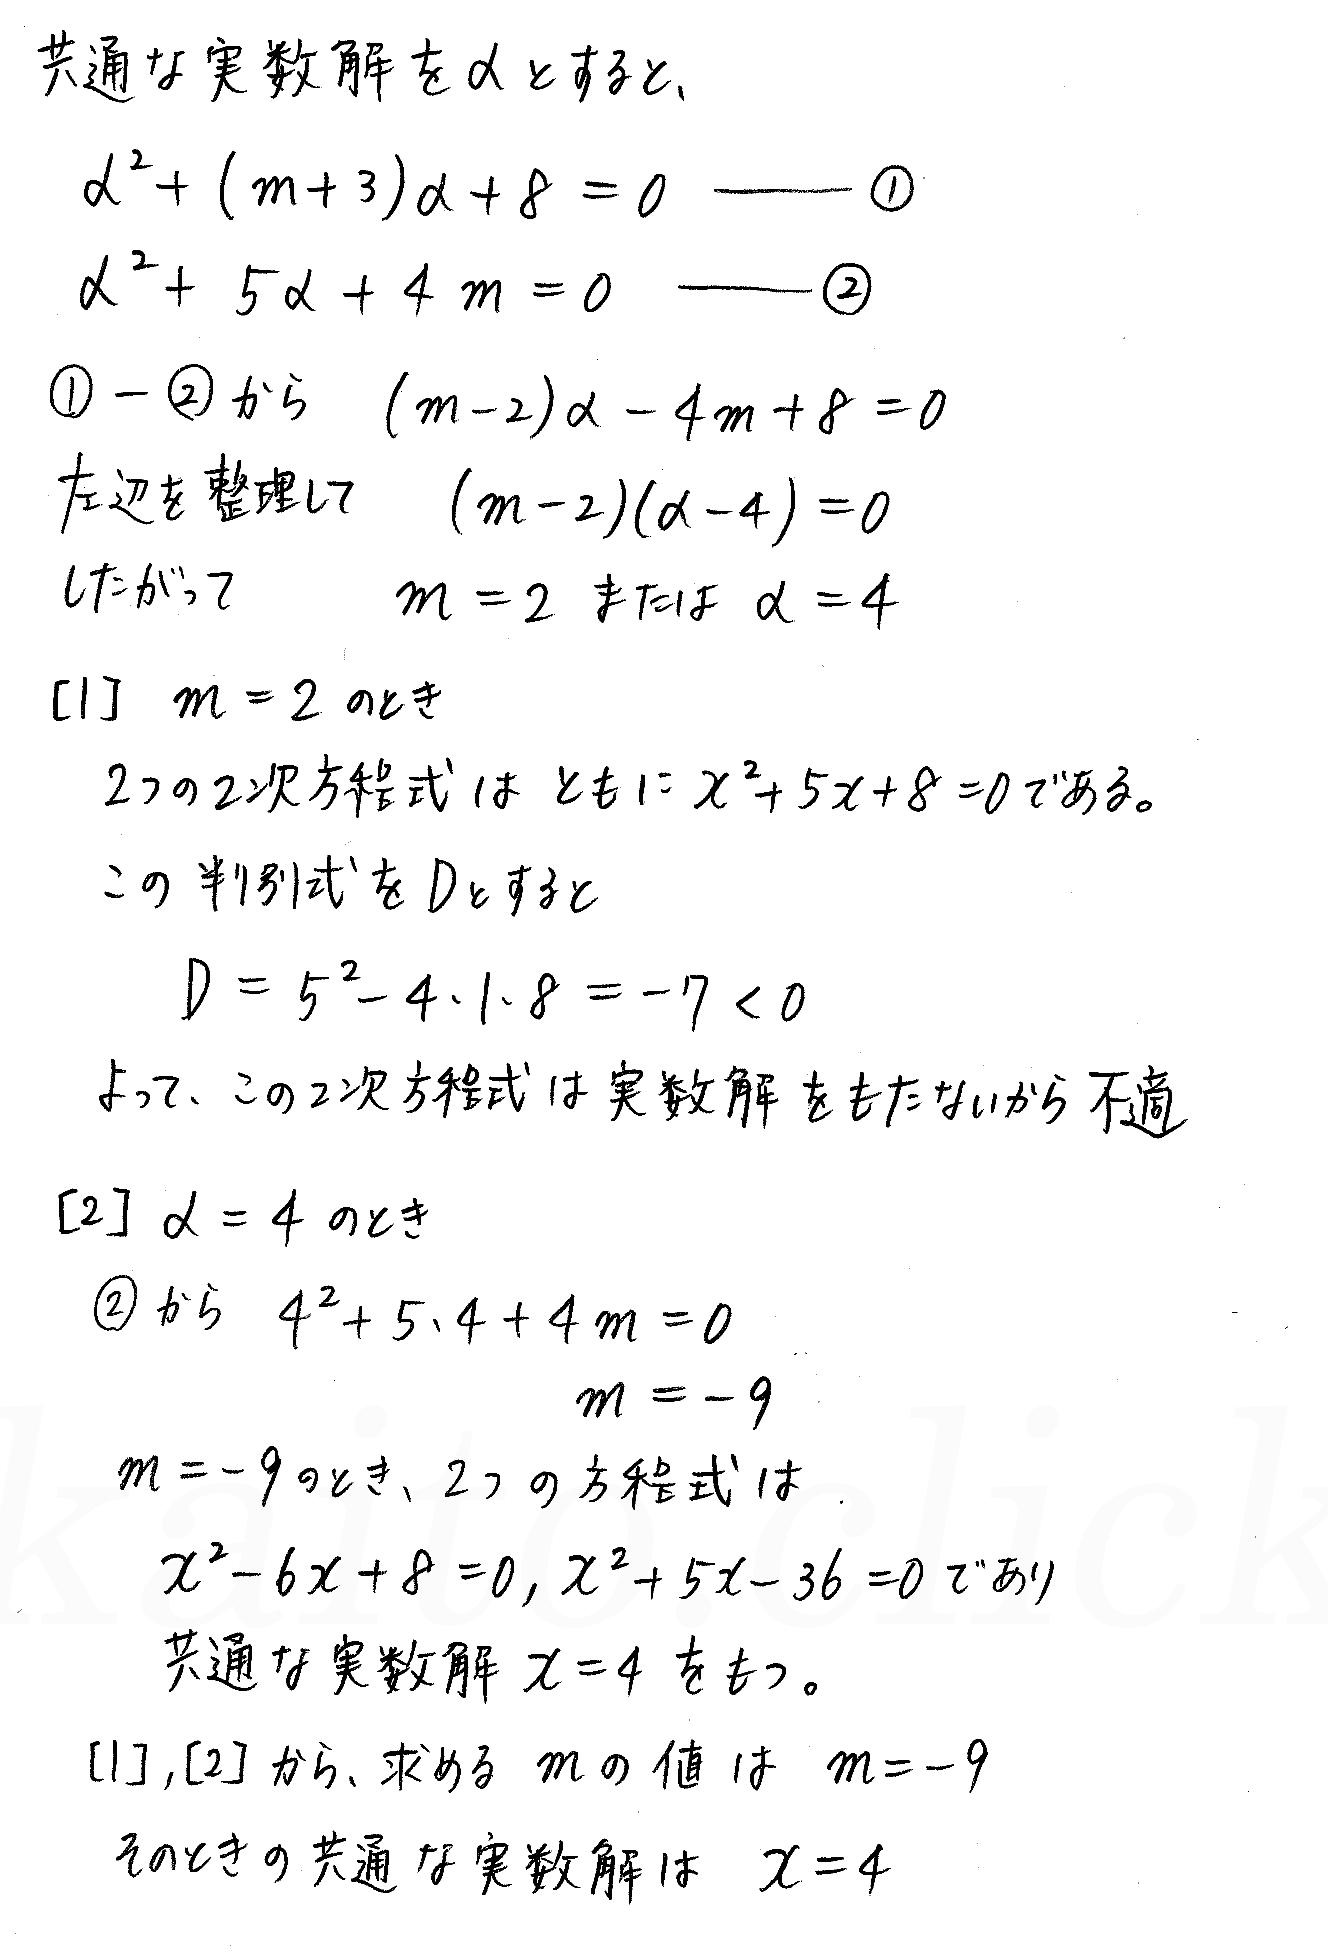 クリアー数学1-261解答